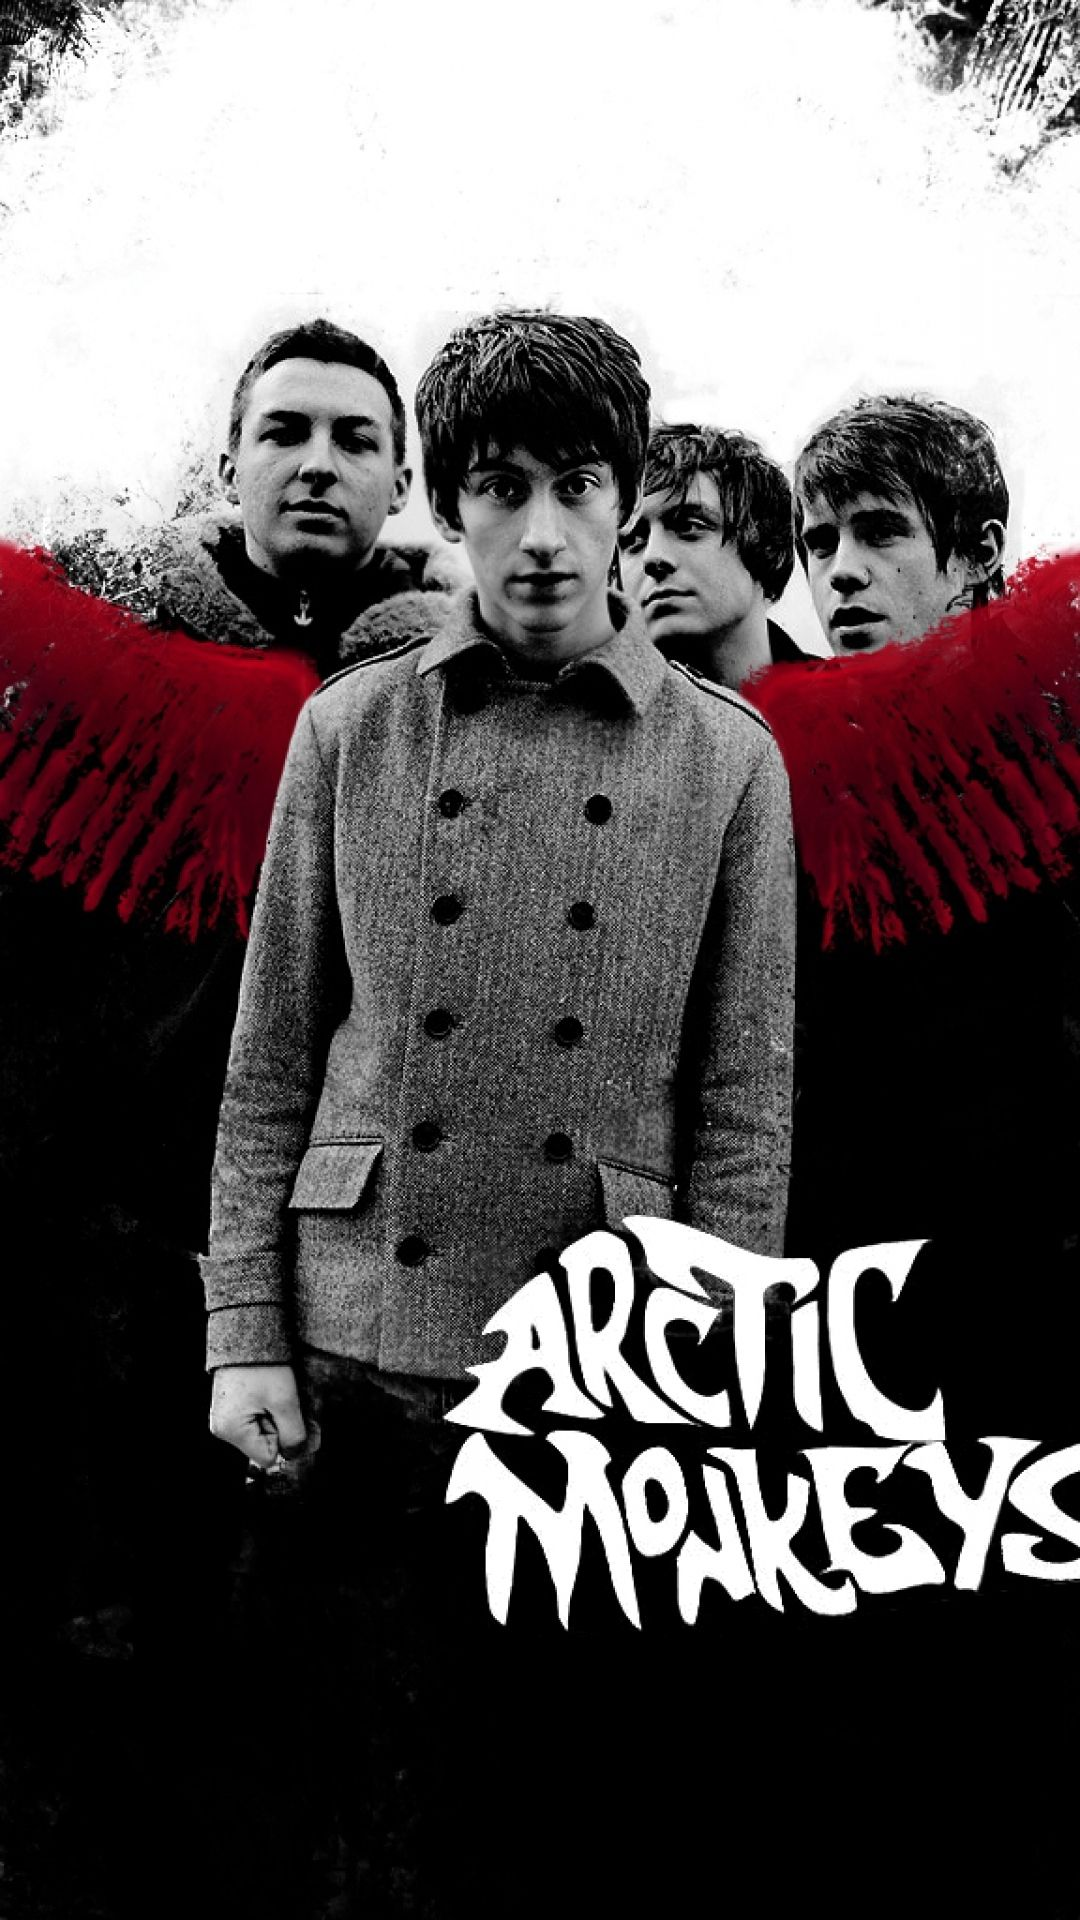 Arctic Monkeys Best Htc One Wallpapers Free And Easy To Download Arctic Monkeys Wallpaper Arctic Monkeys Monkeys Band